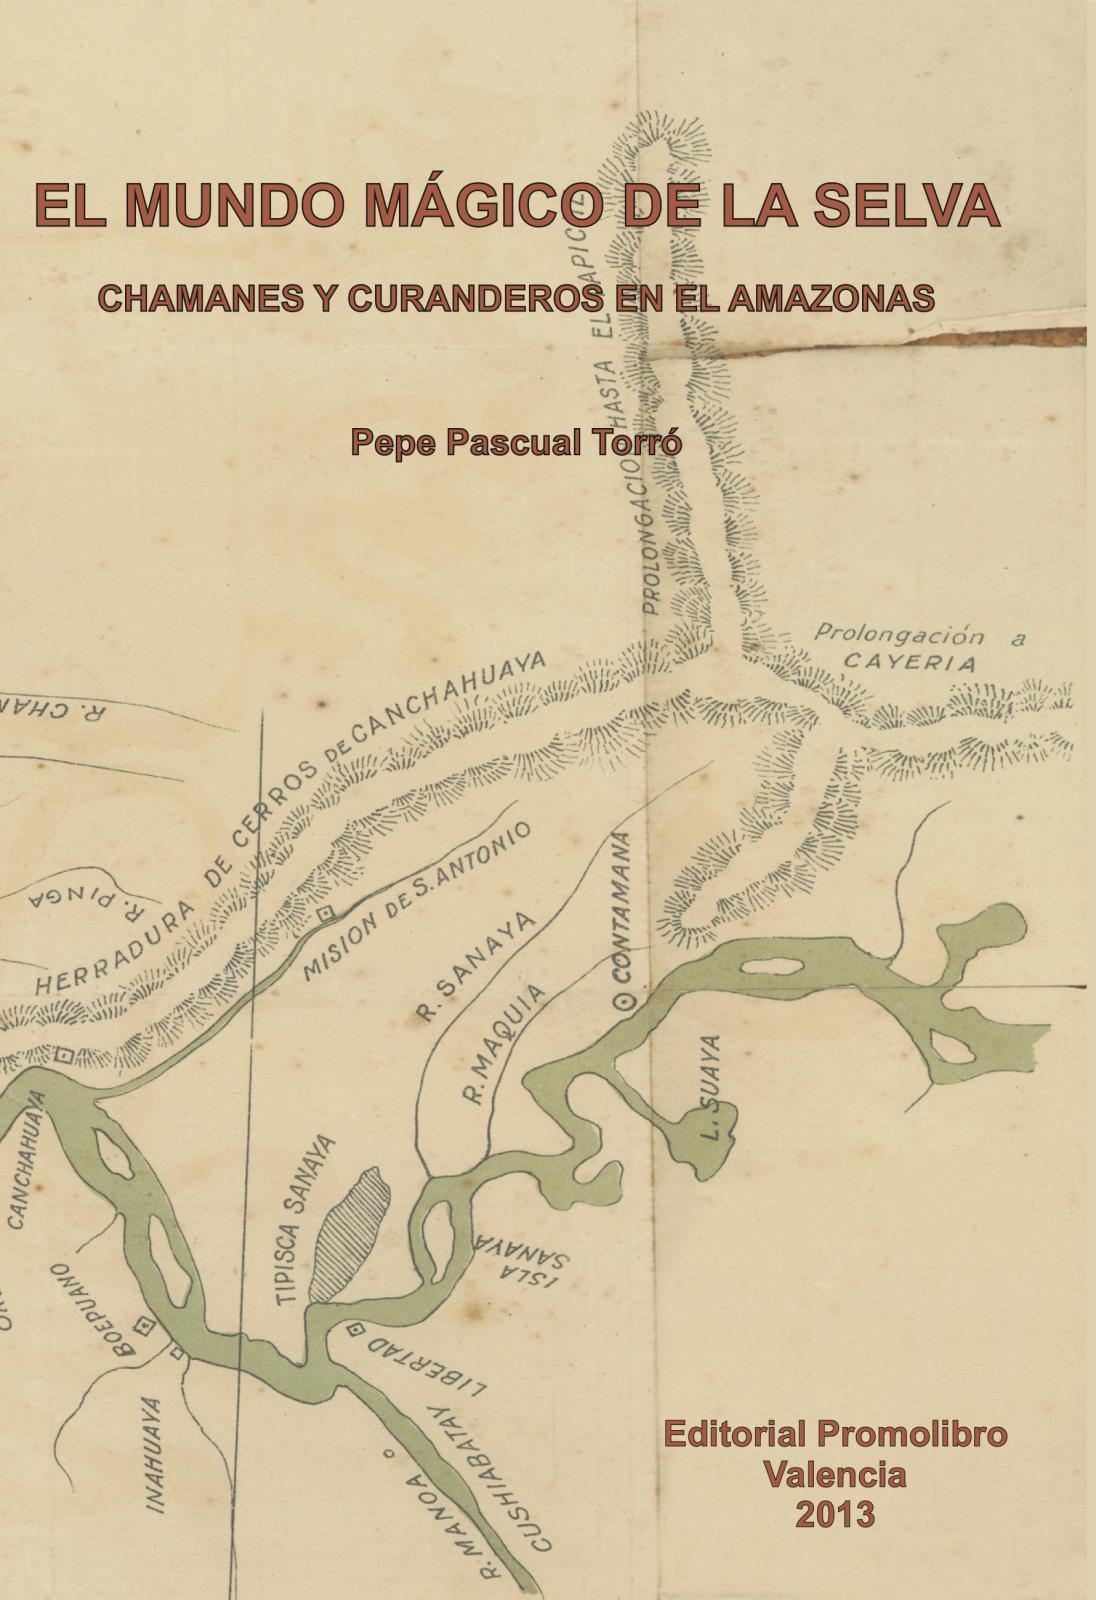 EL MUNDO MÁGICO DE LA SELVA. Chamanes y curanderos en el Amazonas.